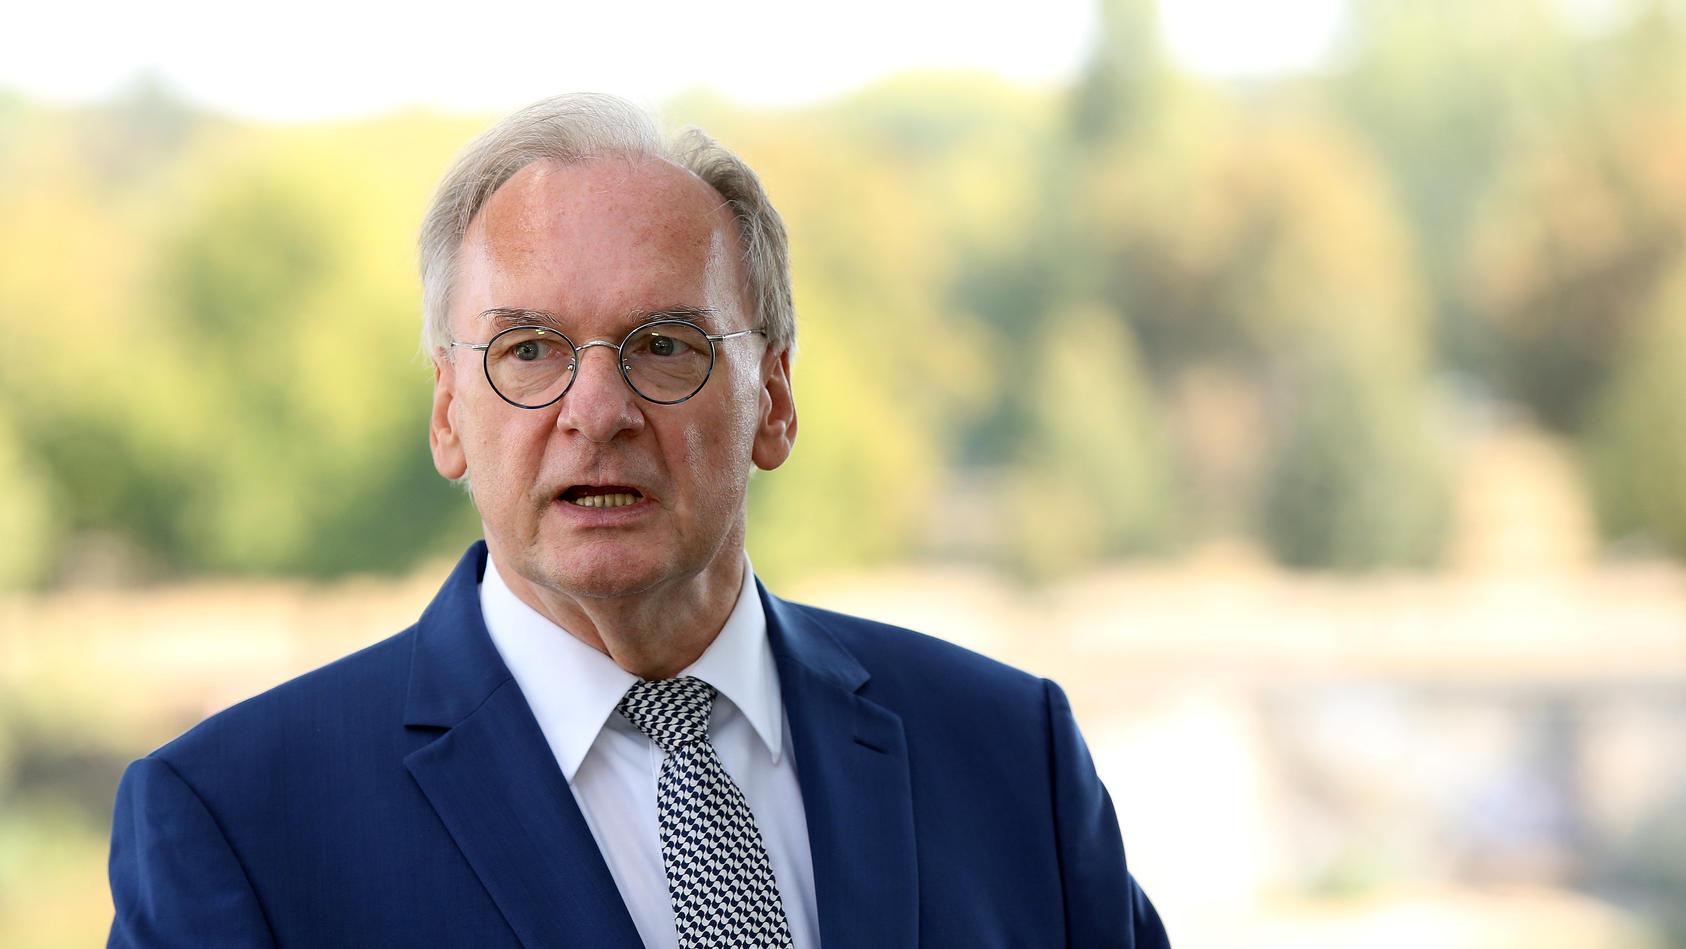 Haseloff verfehlte im ersten Wahlgang die nötige Mehrheit von 49 Stimmen. Im zweiten Wahlgang wird er dann gewählt.